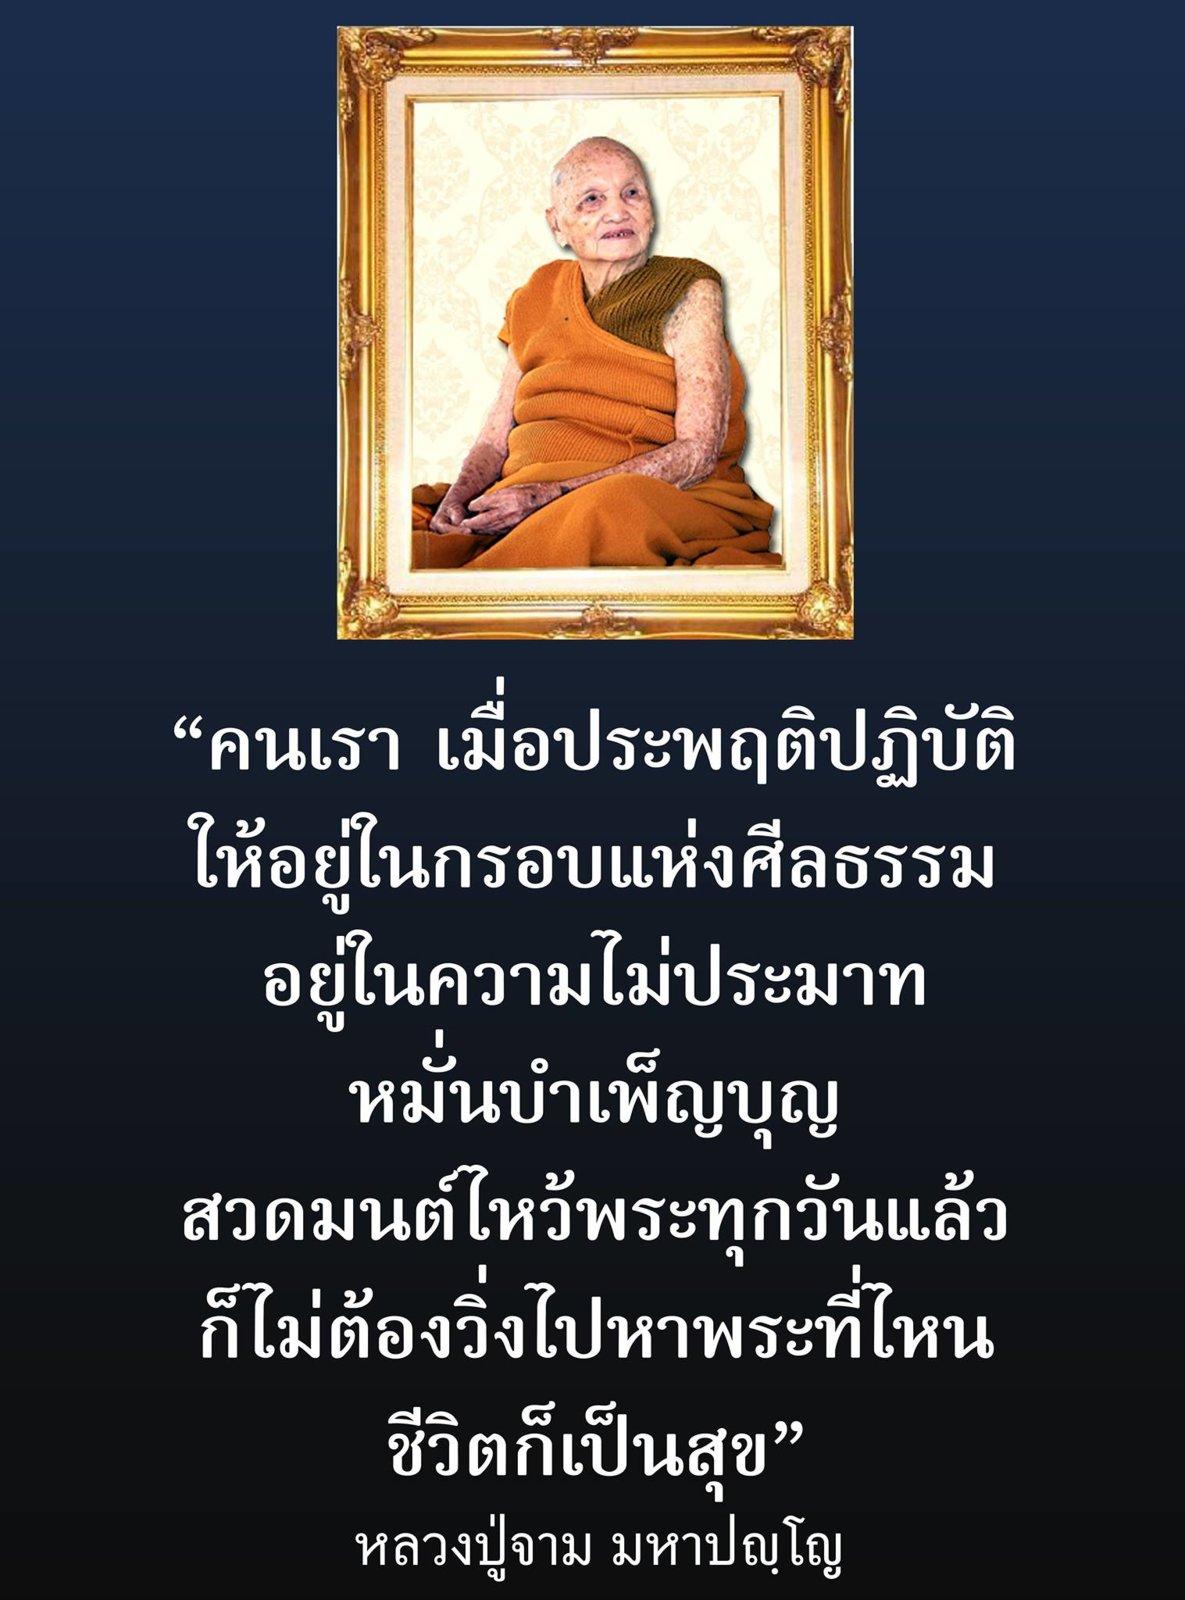 FB_IMG_1566445262646.jpg